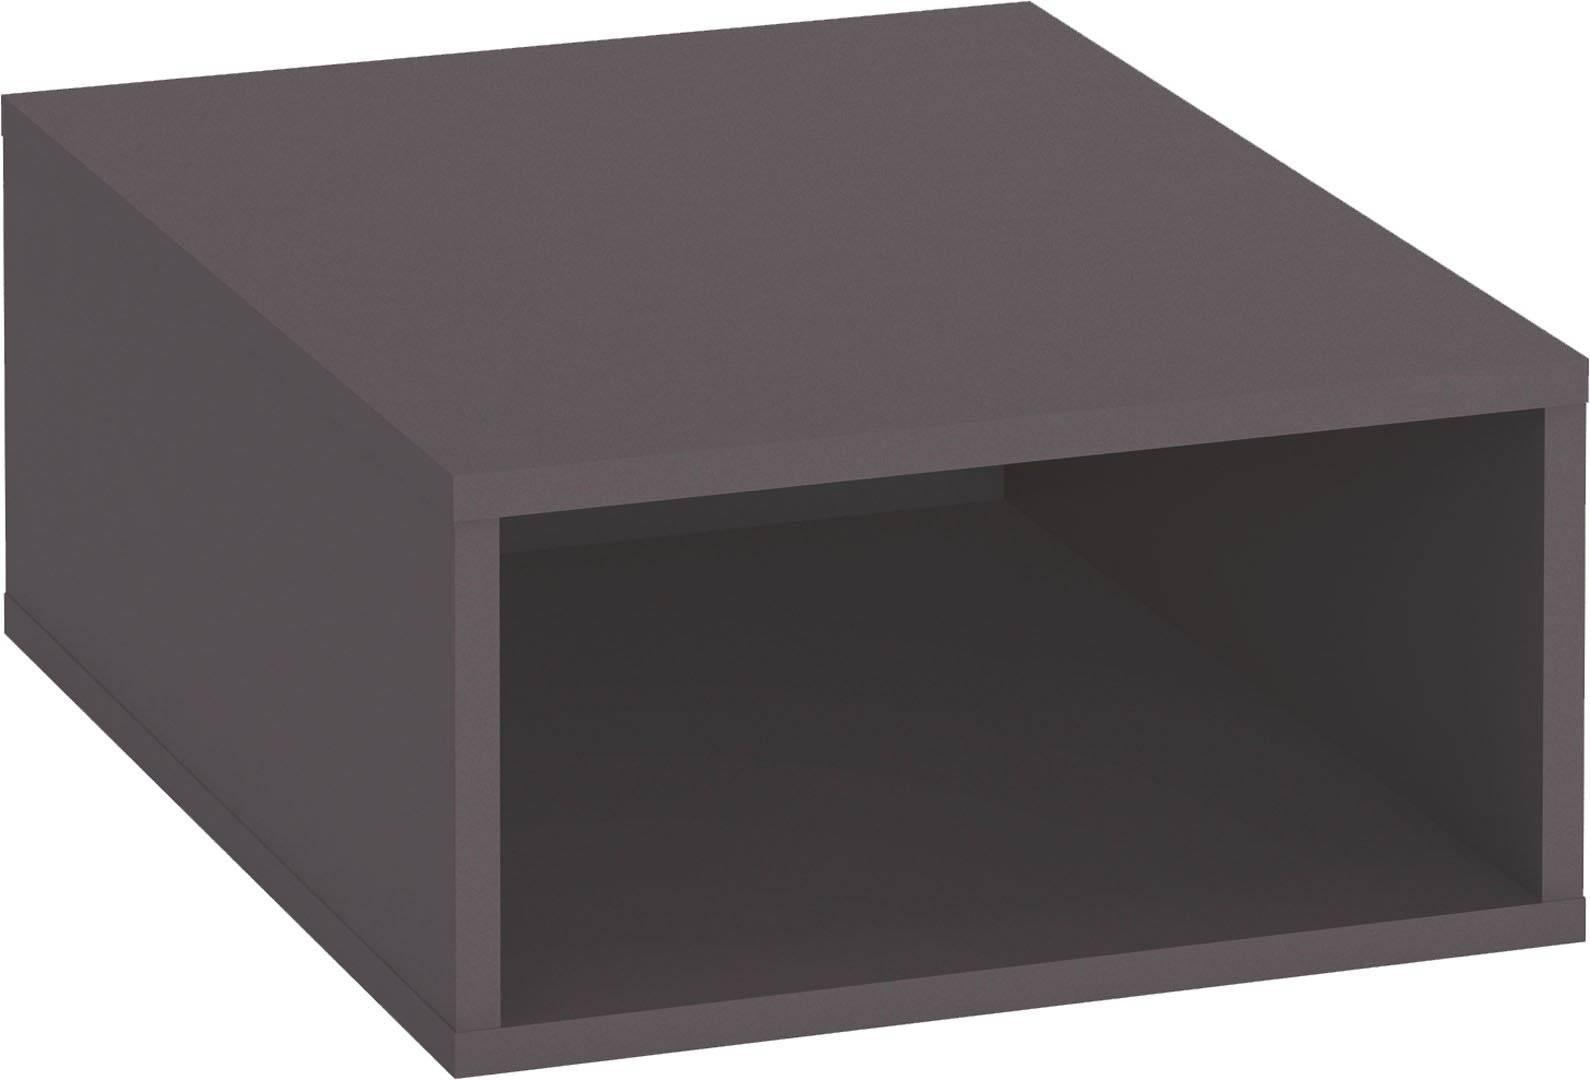 Κουτί 4 You μικρό-Μαύρο